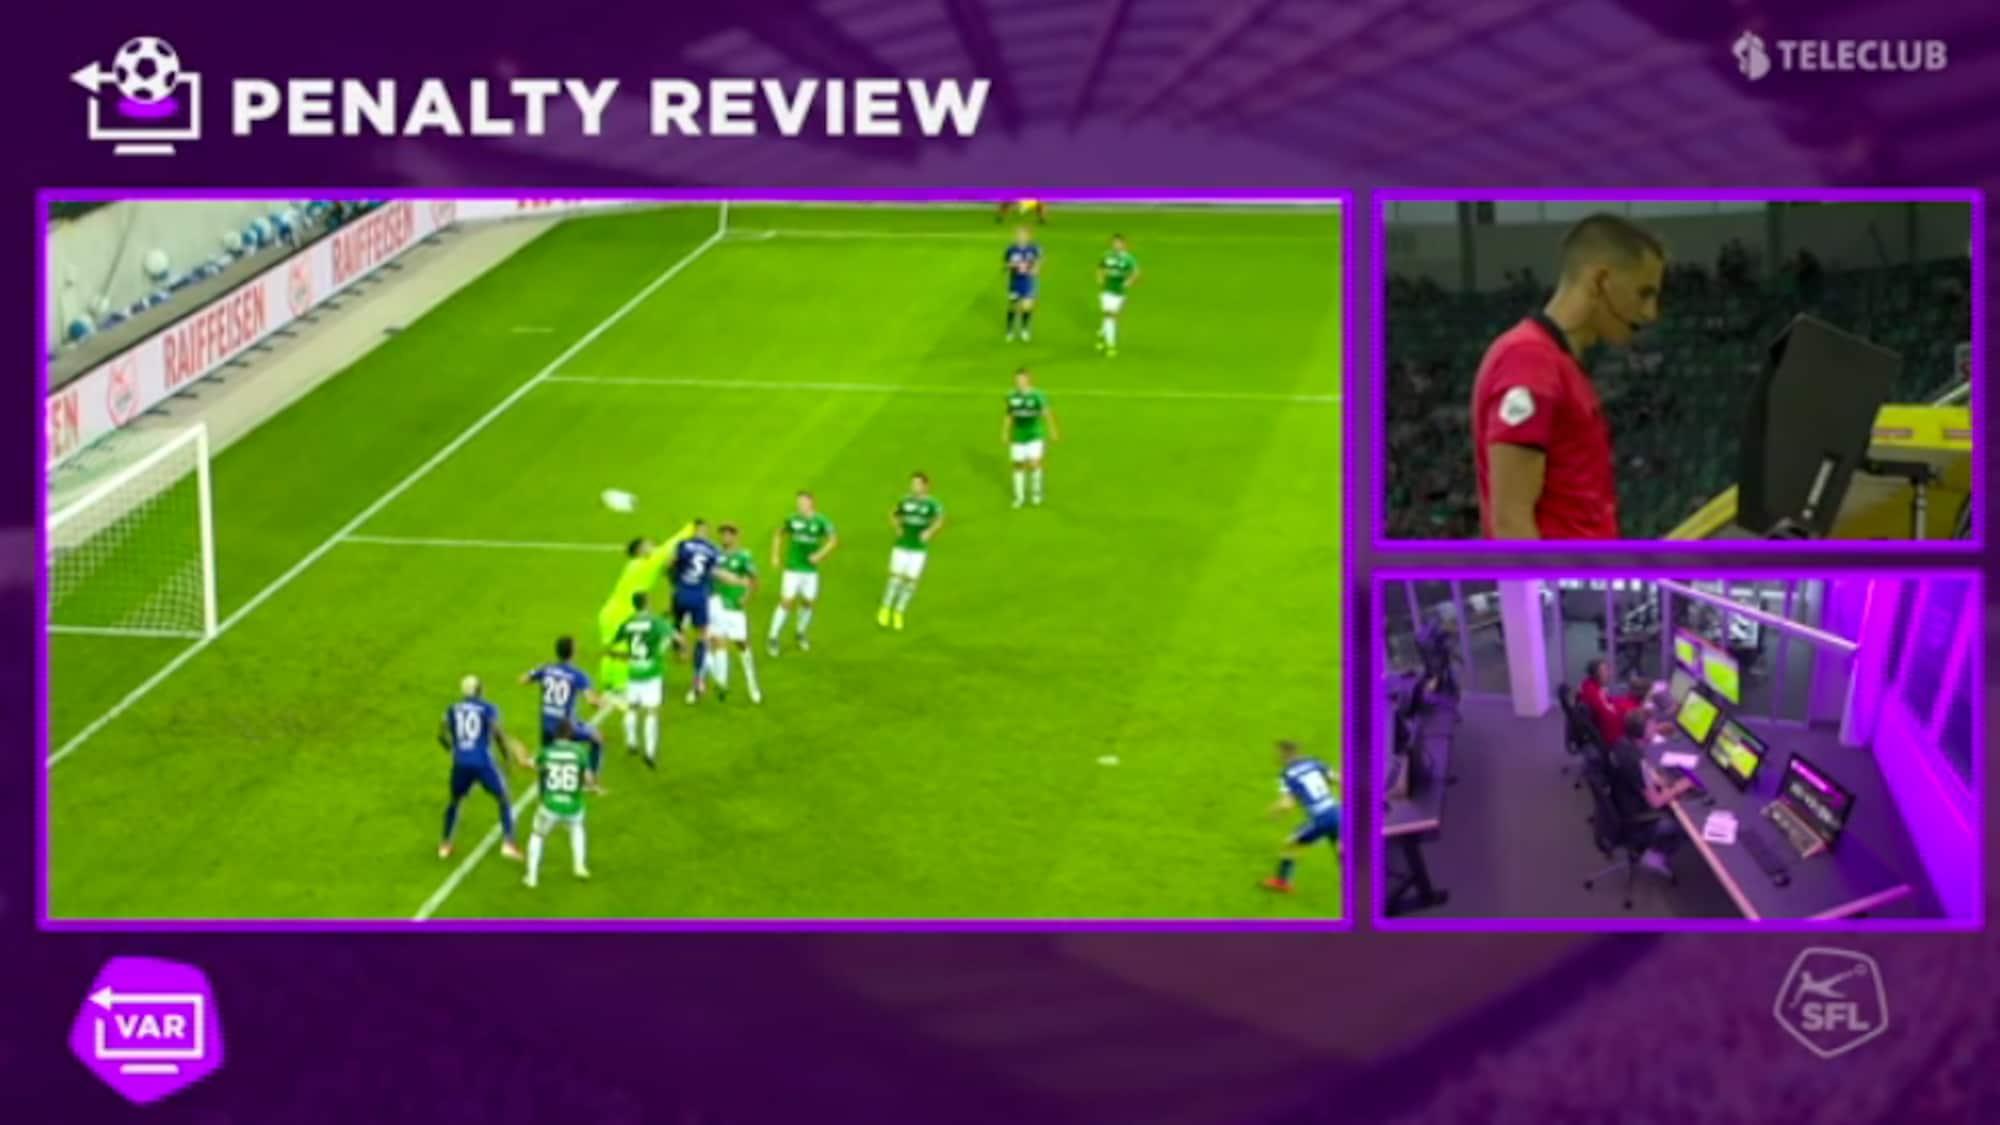 FCSG hadert mit dem Schiri: Hier entscheidet der VAR auf Penalty für Luzern